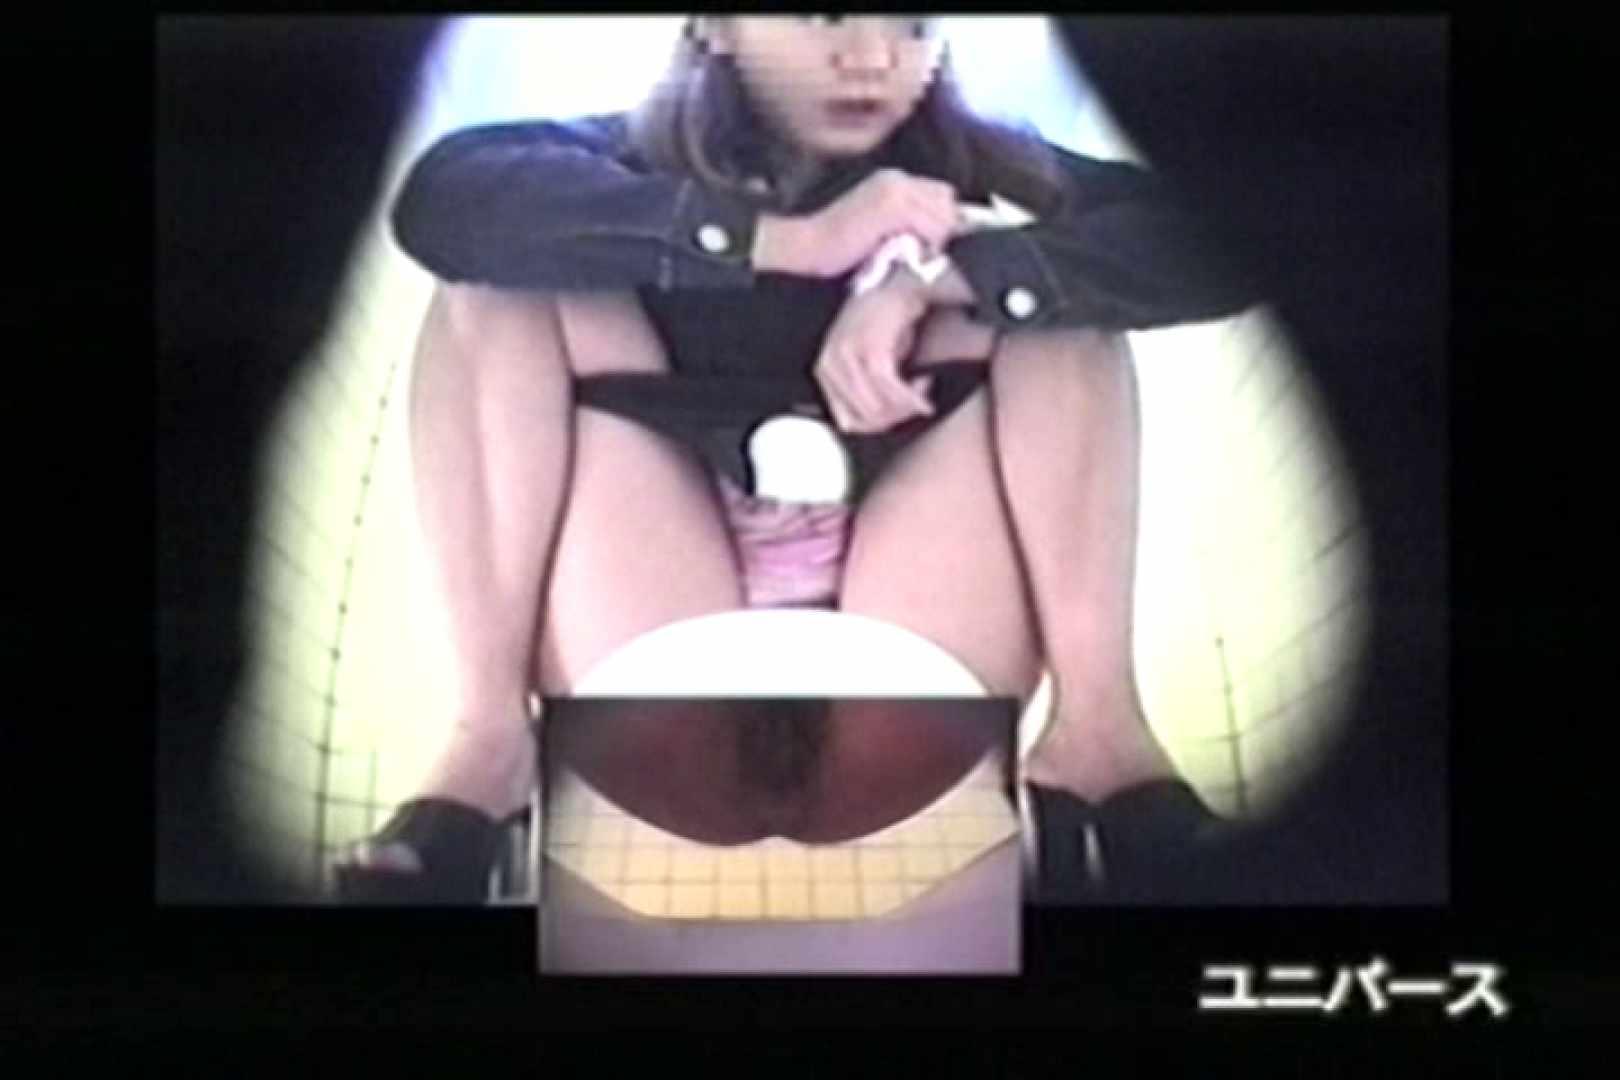 下半身シースルー洗面所Vol.4 洗面所 盗撮動画紹介 91PIX 26